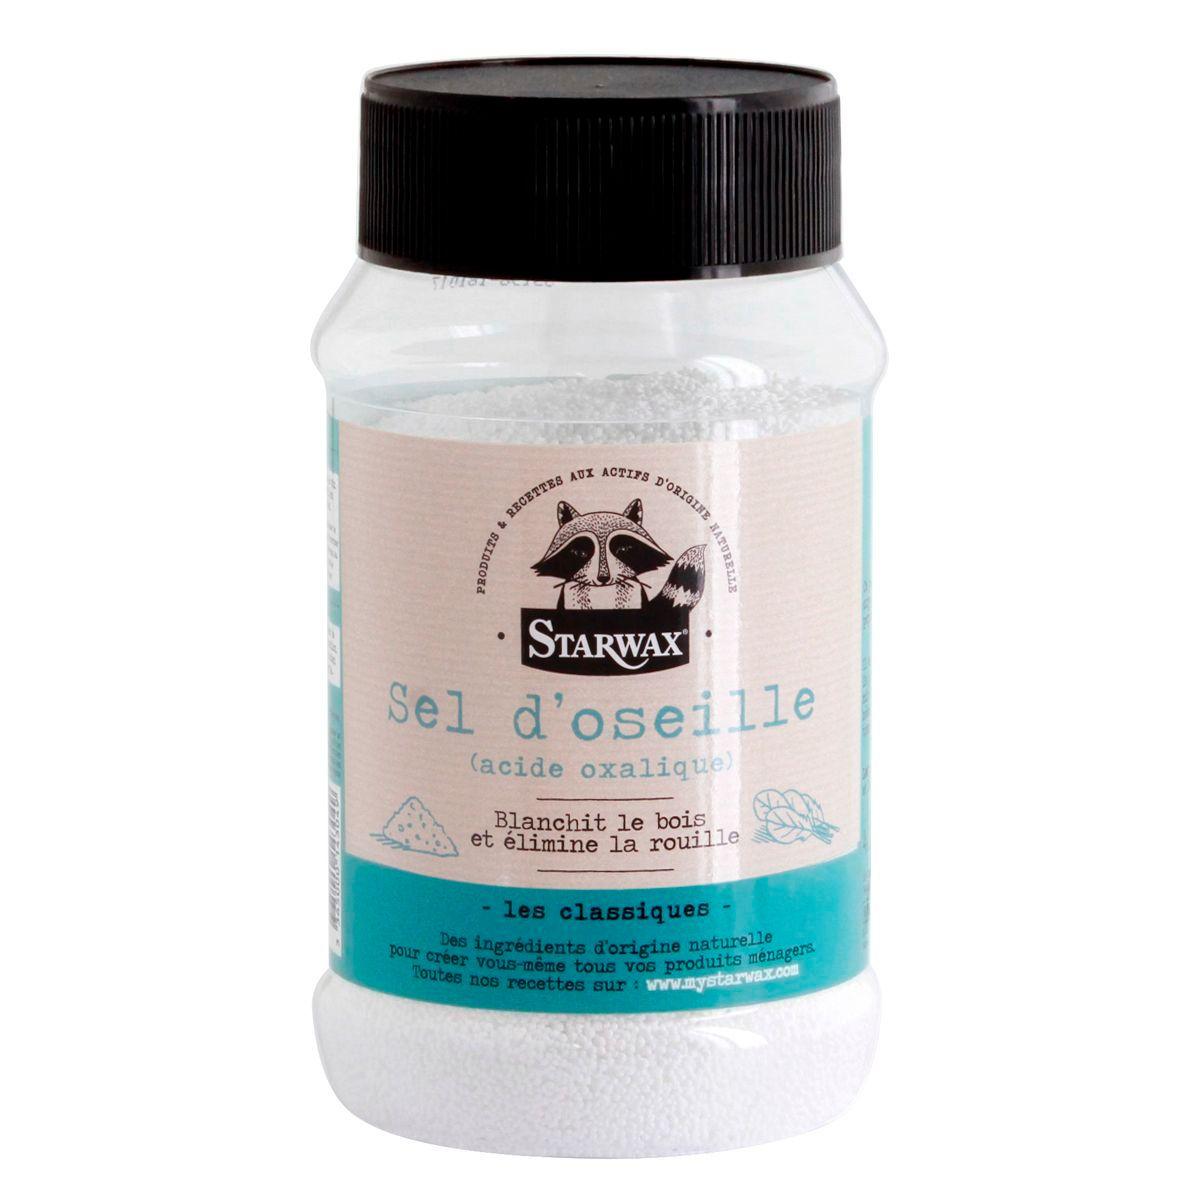 Pot sel d´oseille 400gr - Starwax